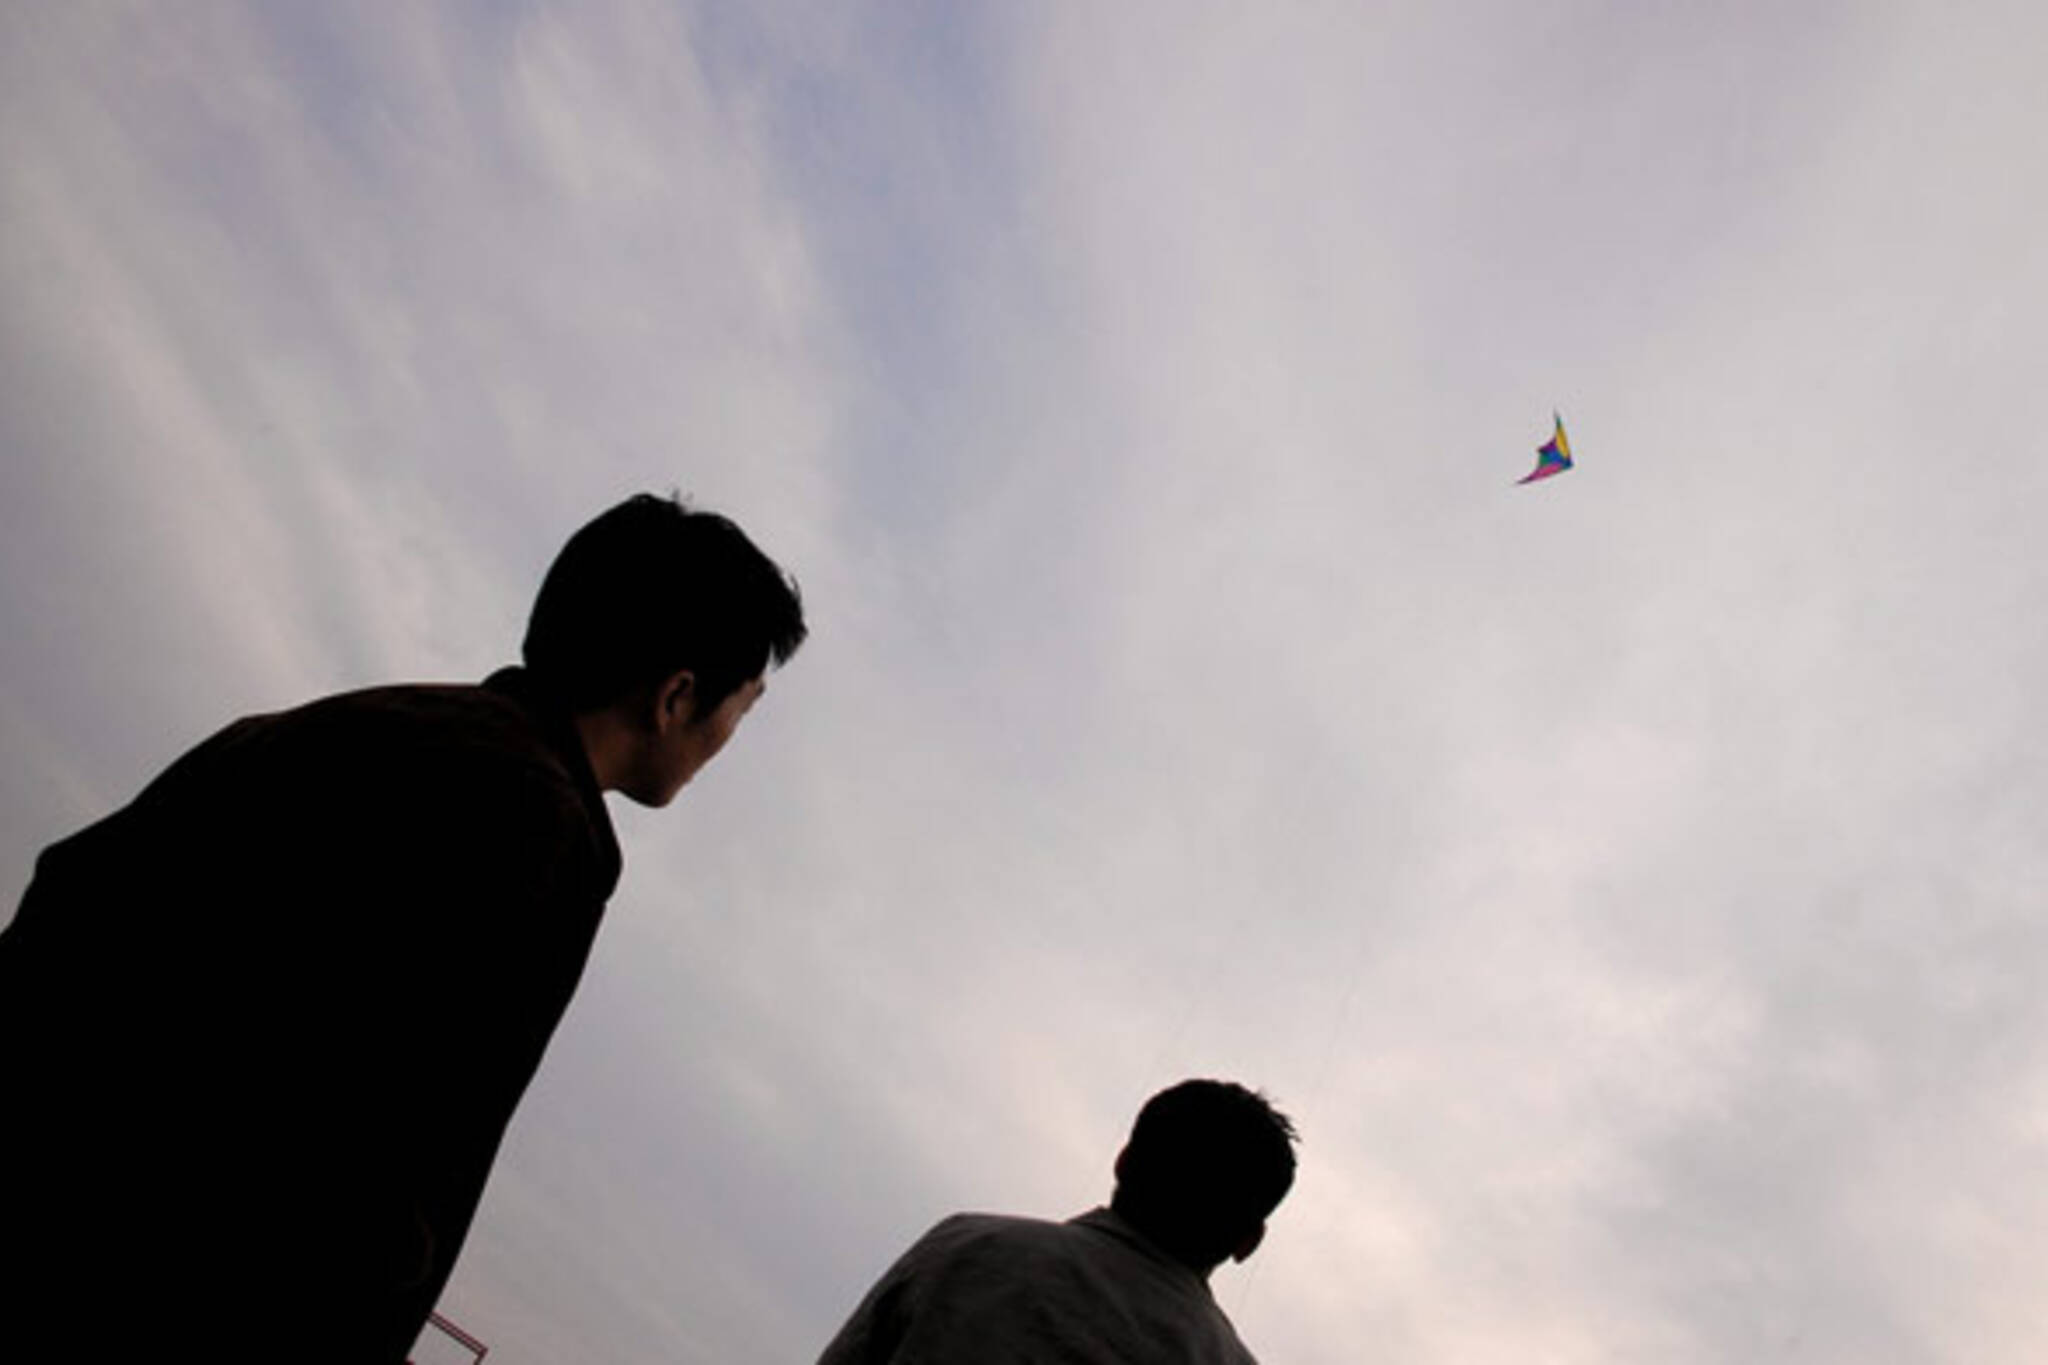 kite flying toronto